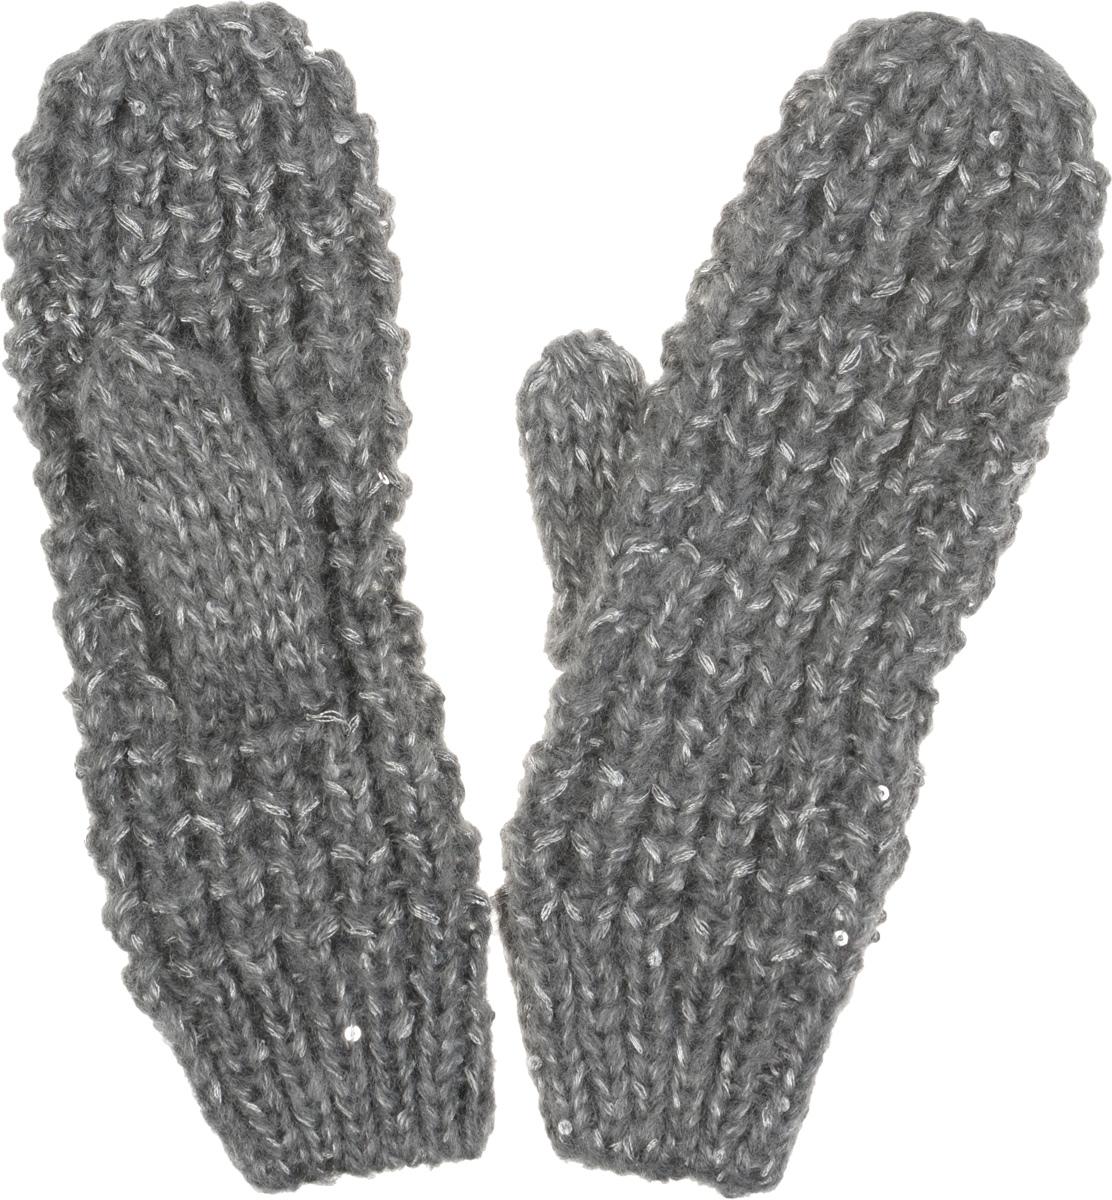 Варежки женские. Z-RE-1806Z-RE-1806 BLACKВарежки торговой марки Moodo станут идеальным вариантом для прохладной погоды. Они хорошо сохраняют тепло, мягкие, идеально сидят на руке и хорошо тянутся. Варежки выполнены из акриловой пряжи, невероятно мягкой и приятной на ощупь. Варежки связаны фактурным узором, а вкрапления паеток придают яркого настроения. Интересный дизайн в сочетании сделает ваш образ стильным и привлекательным. Варежки станут идеальным аксессуаром, дополняющим ваш стиль, и надежно защитят ваши руки от холода.